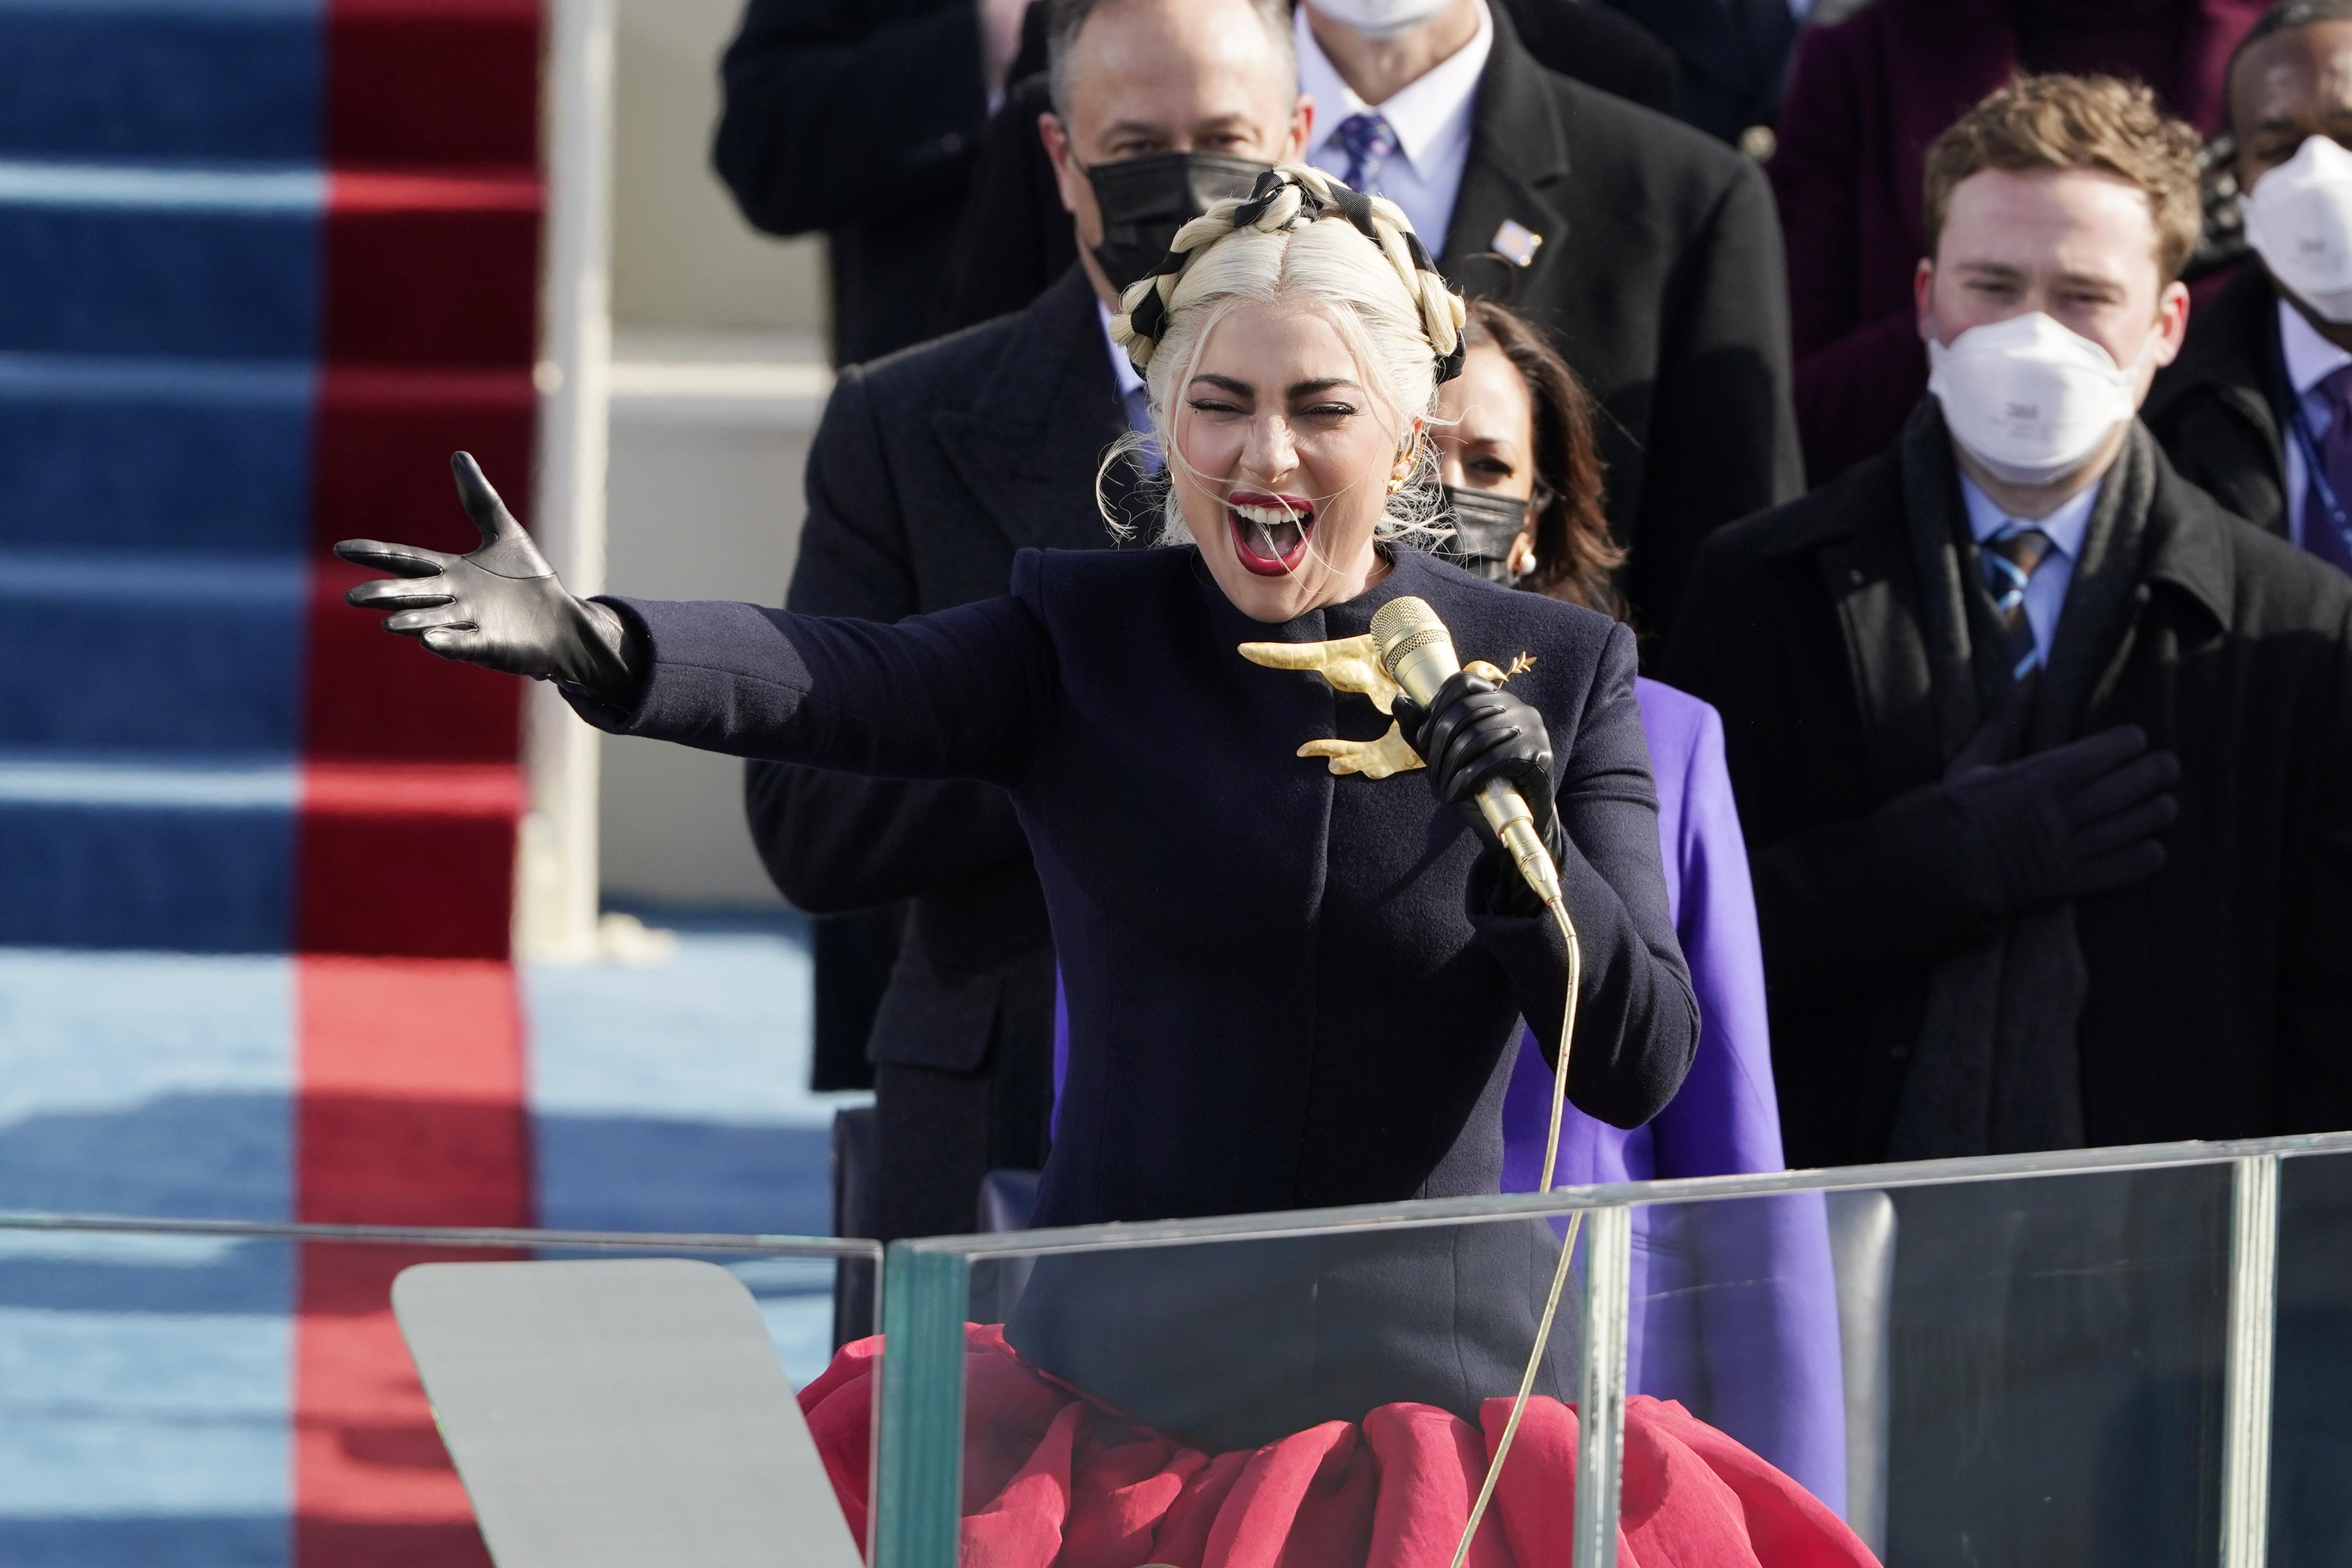 美国著名歌星Lady Gaga在华盛顿国会山西草坪上高歌一曲美国国歌《星条旗永不落》。(AFP)